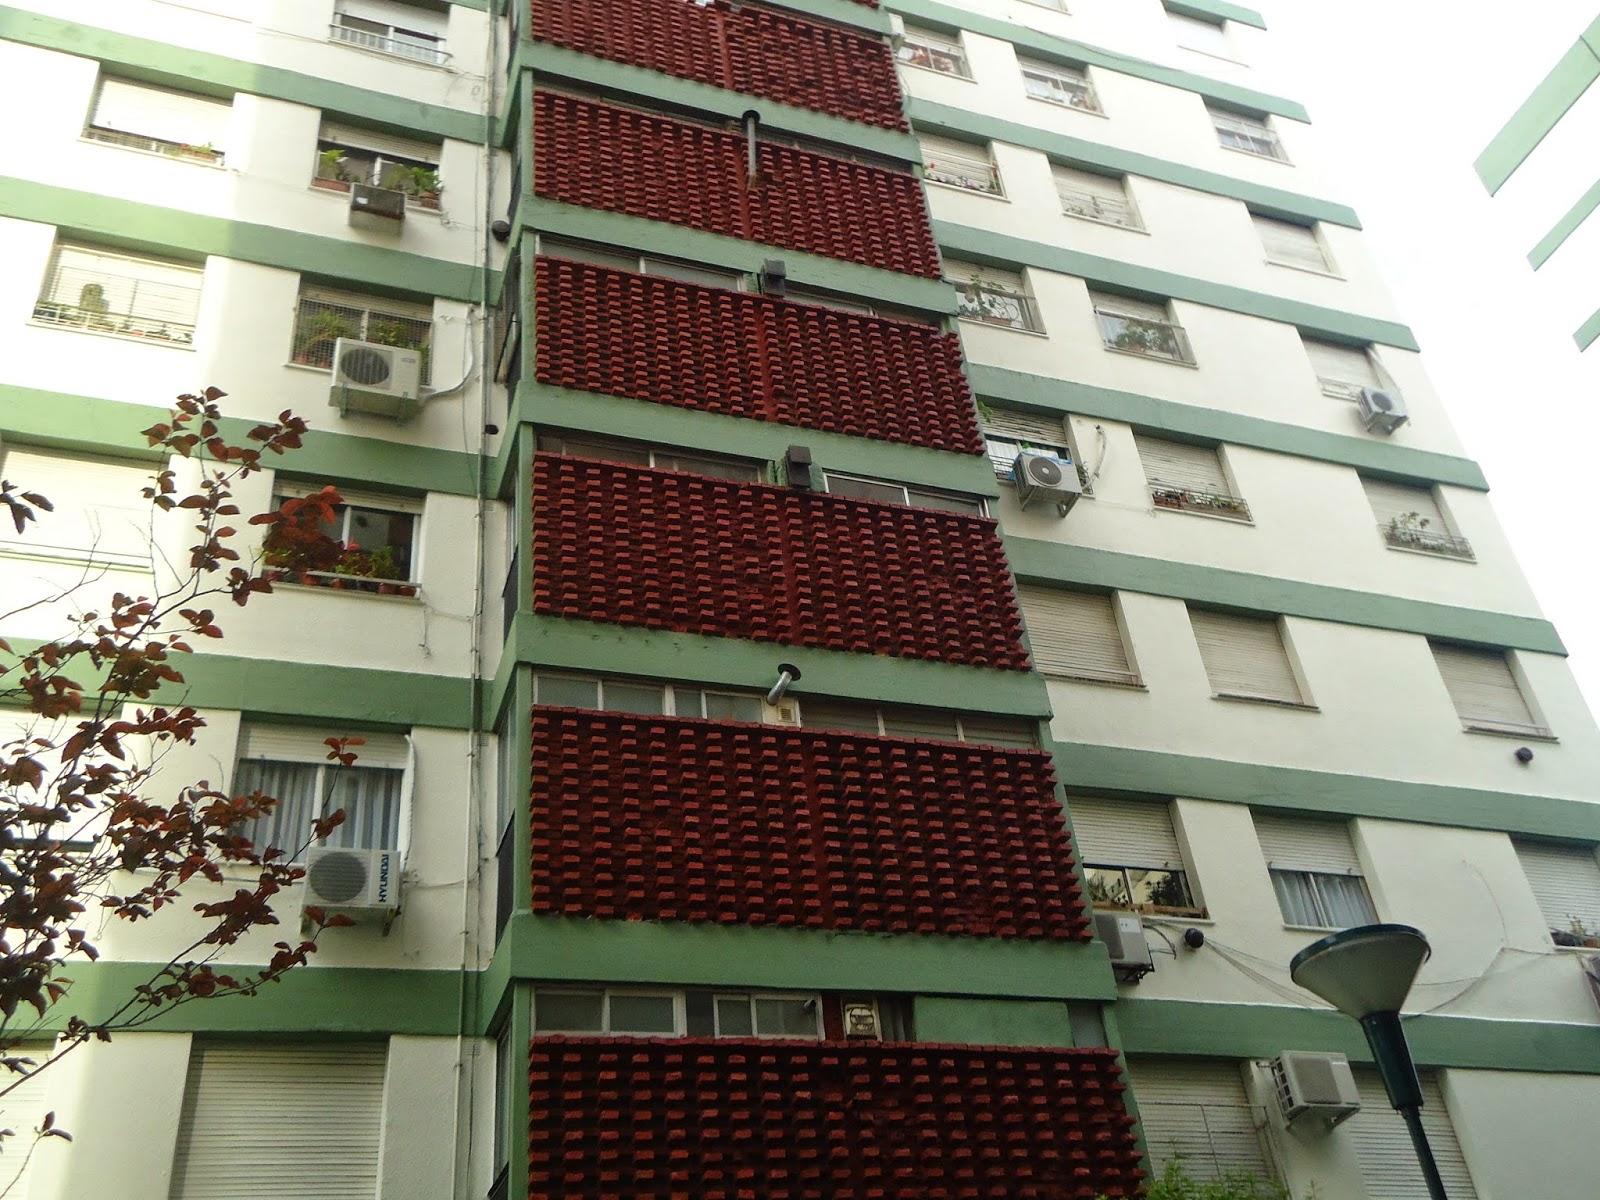 Edificios con impermeabilizacion de terrazas y pintura.